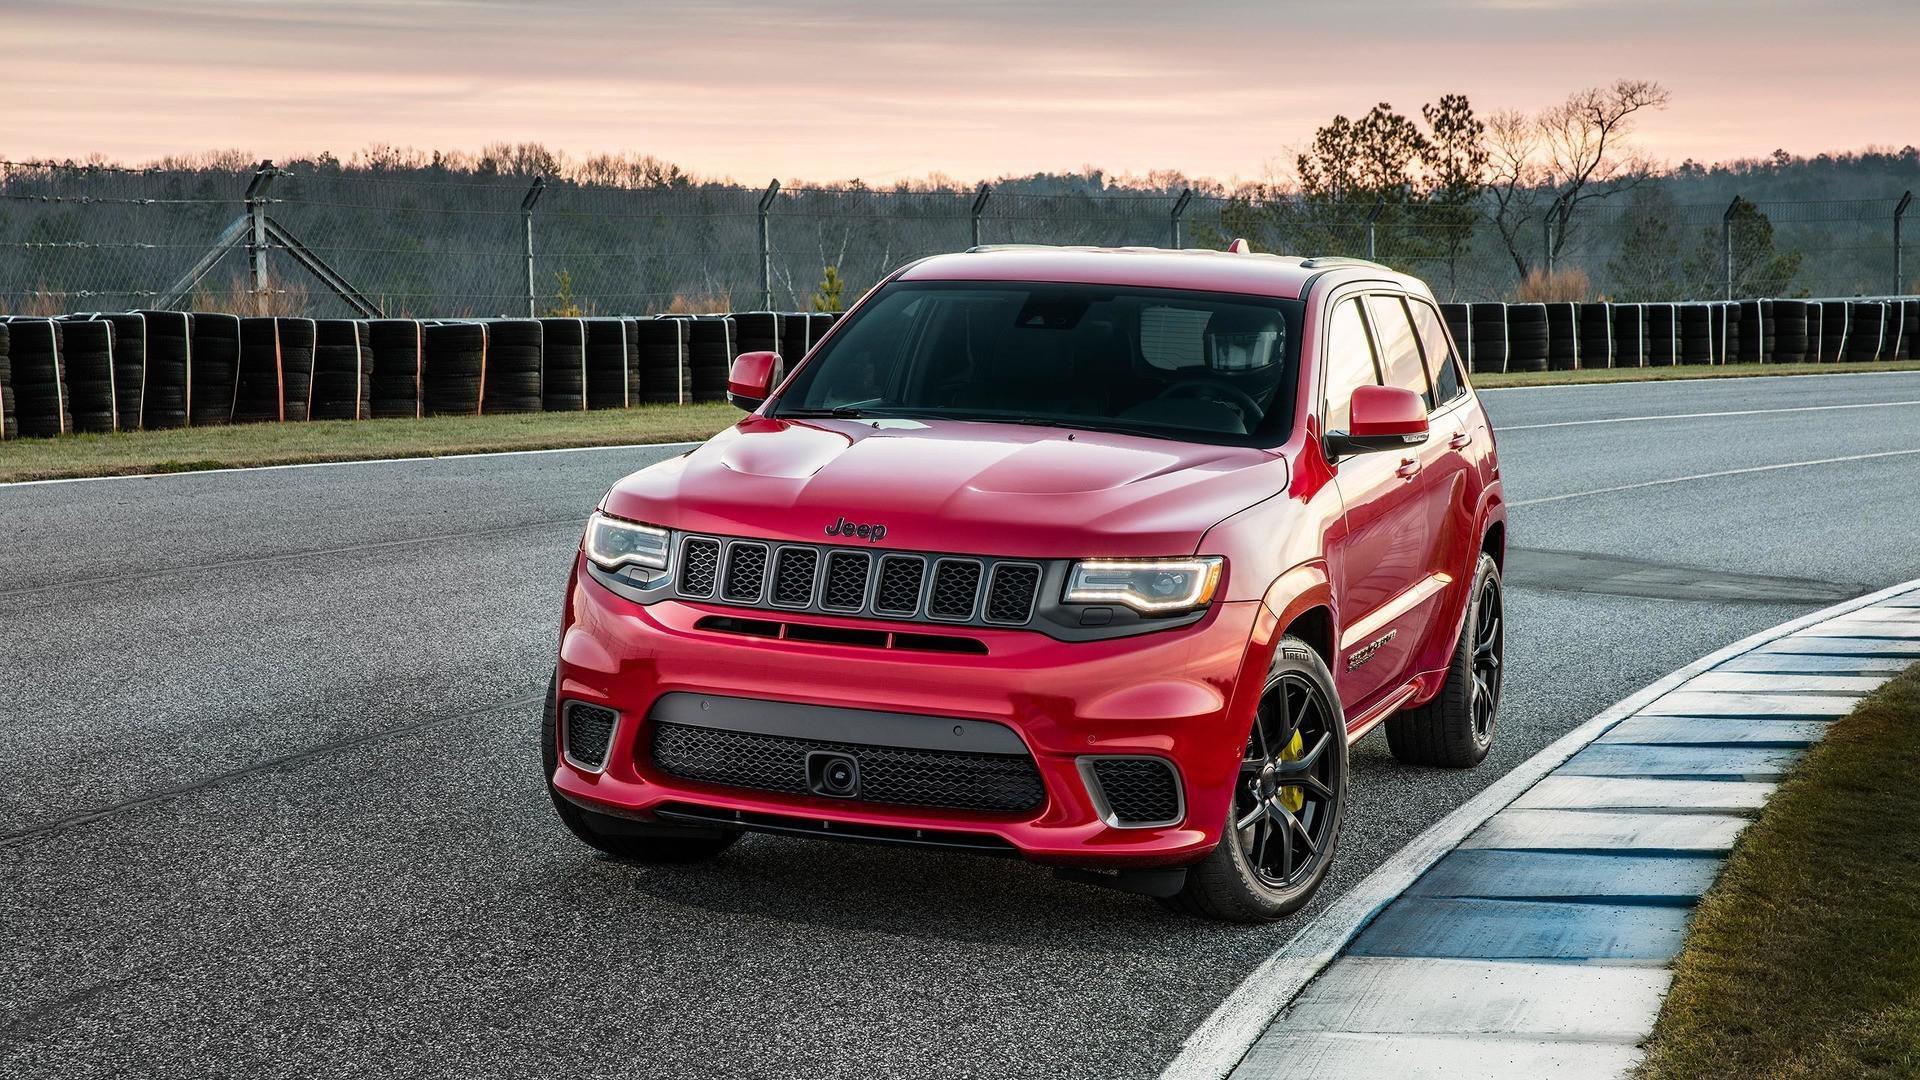 Plus de 1000 ch  pour le Jeep Grand Cherokee Trackhawk